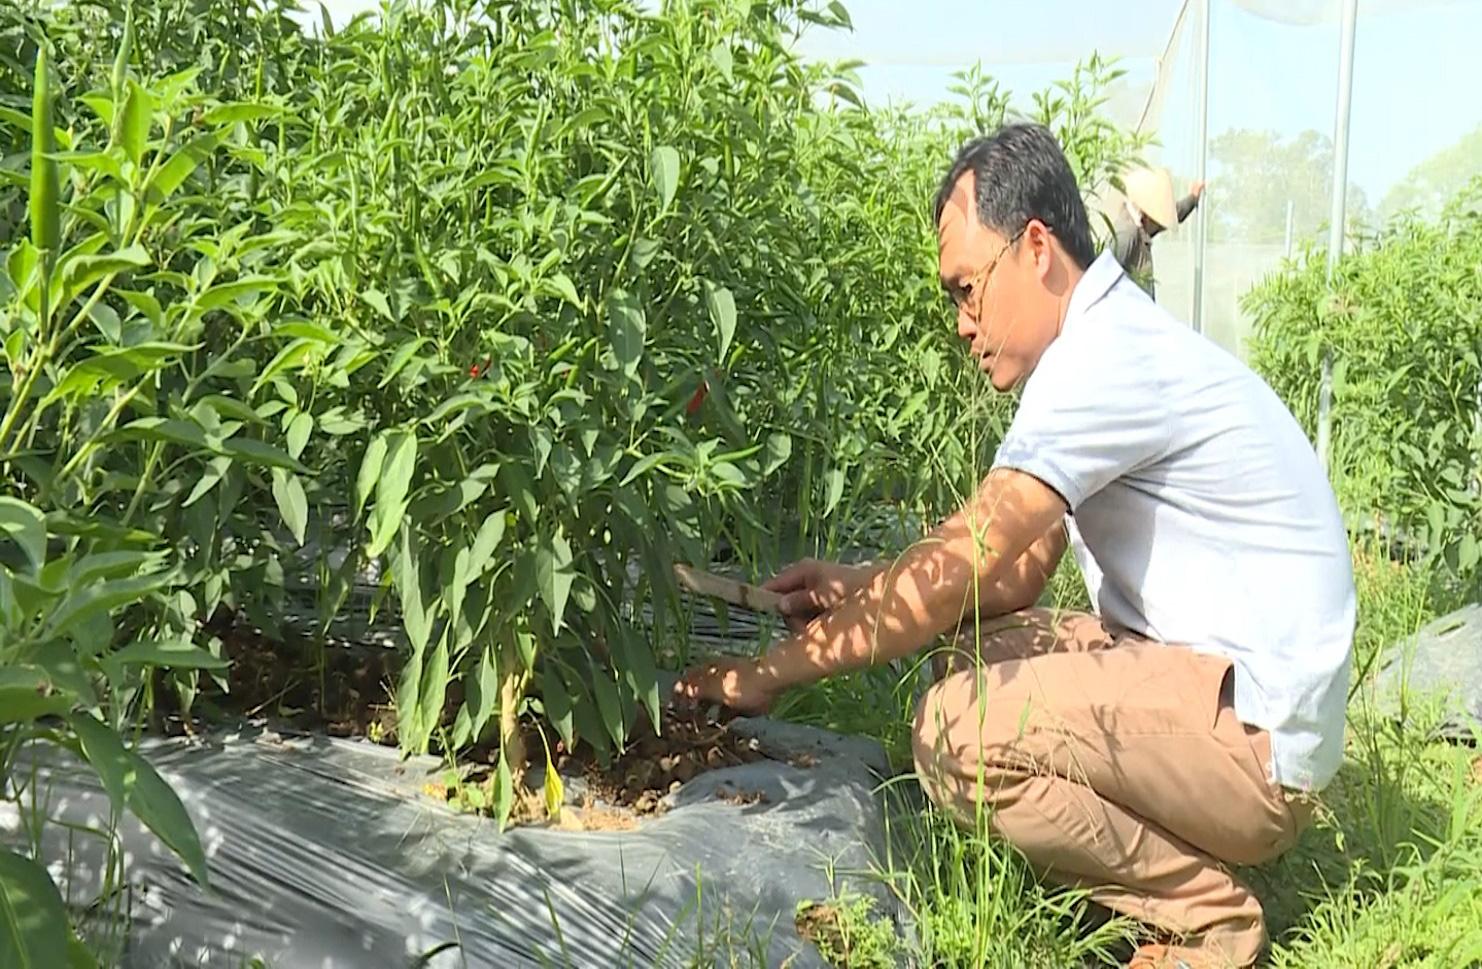 Trà Vinh: Mô hình HTX sản xuất nông nghiệp theo hướng hữu cơ - Ảnh 5.